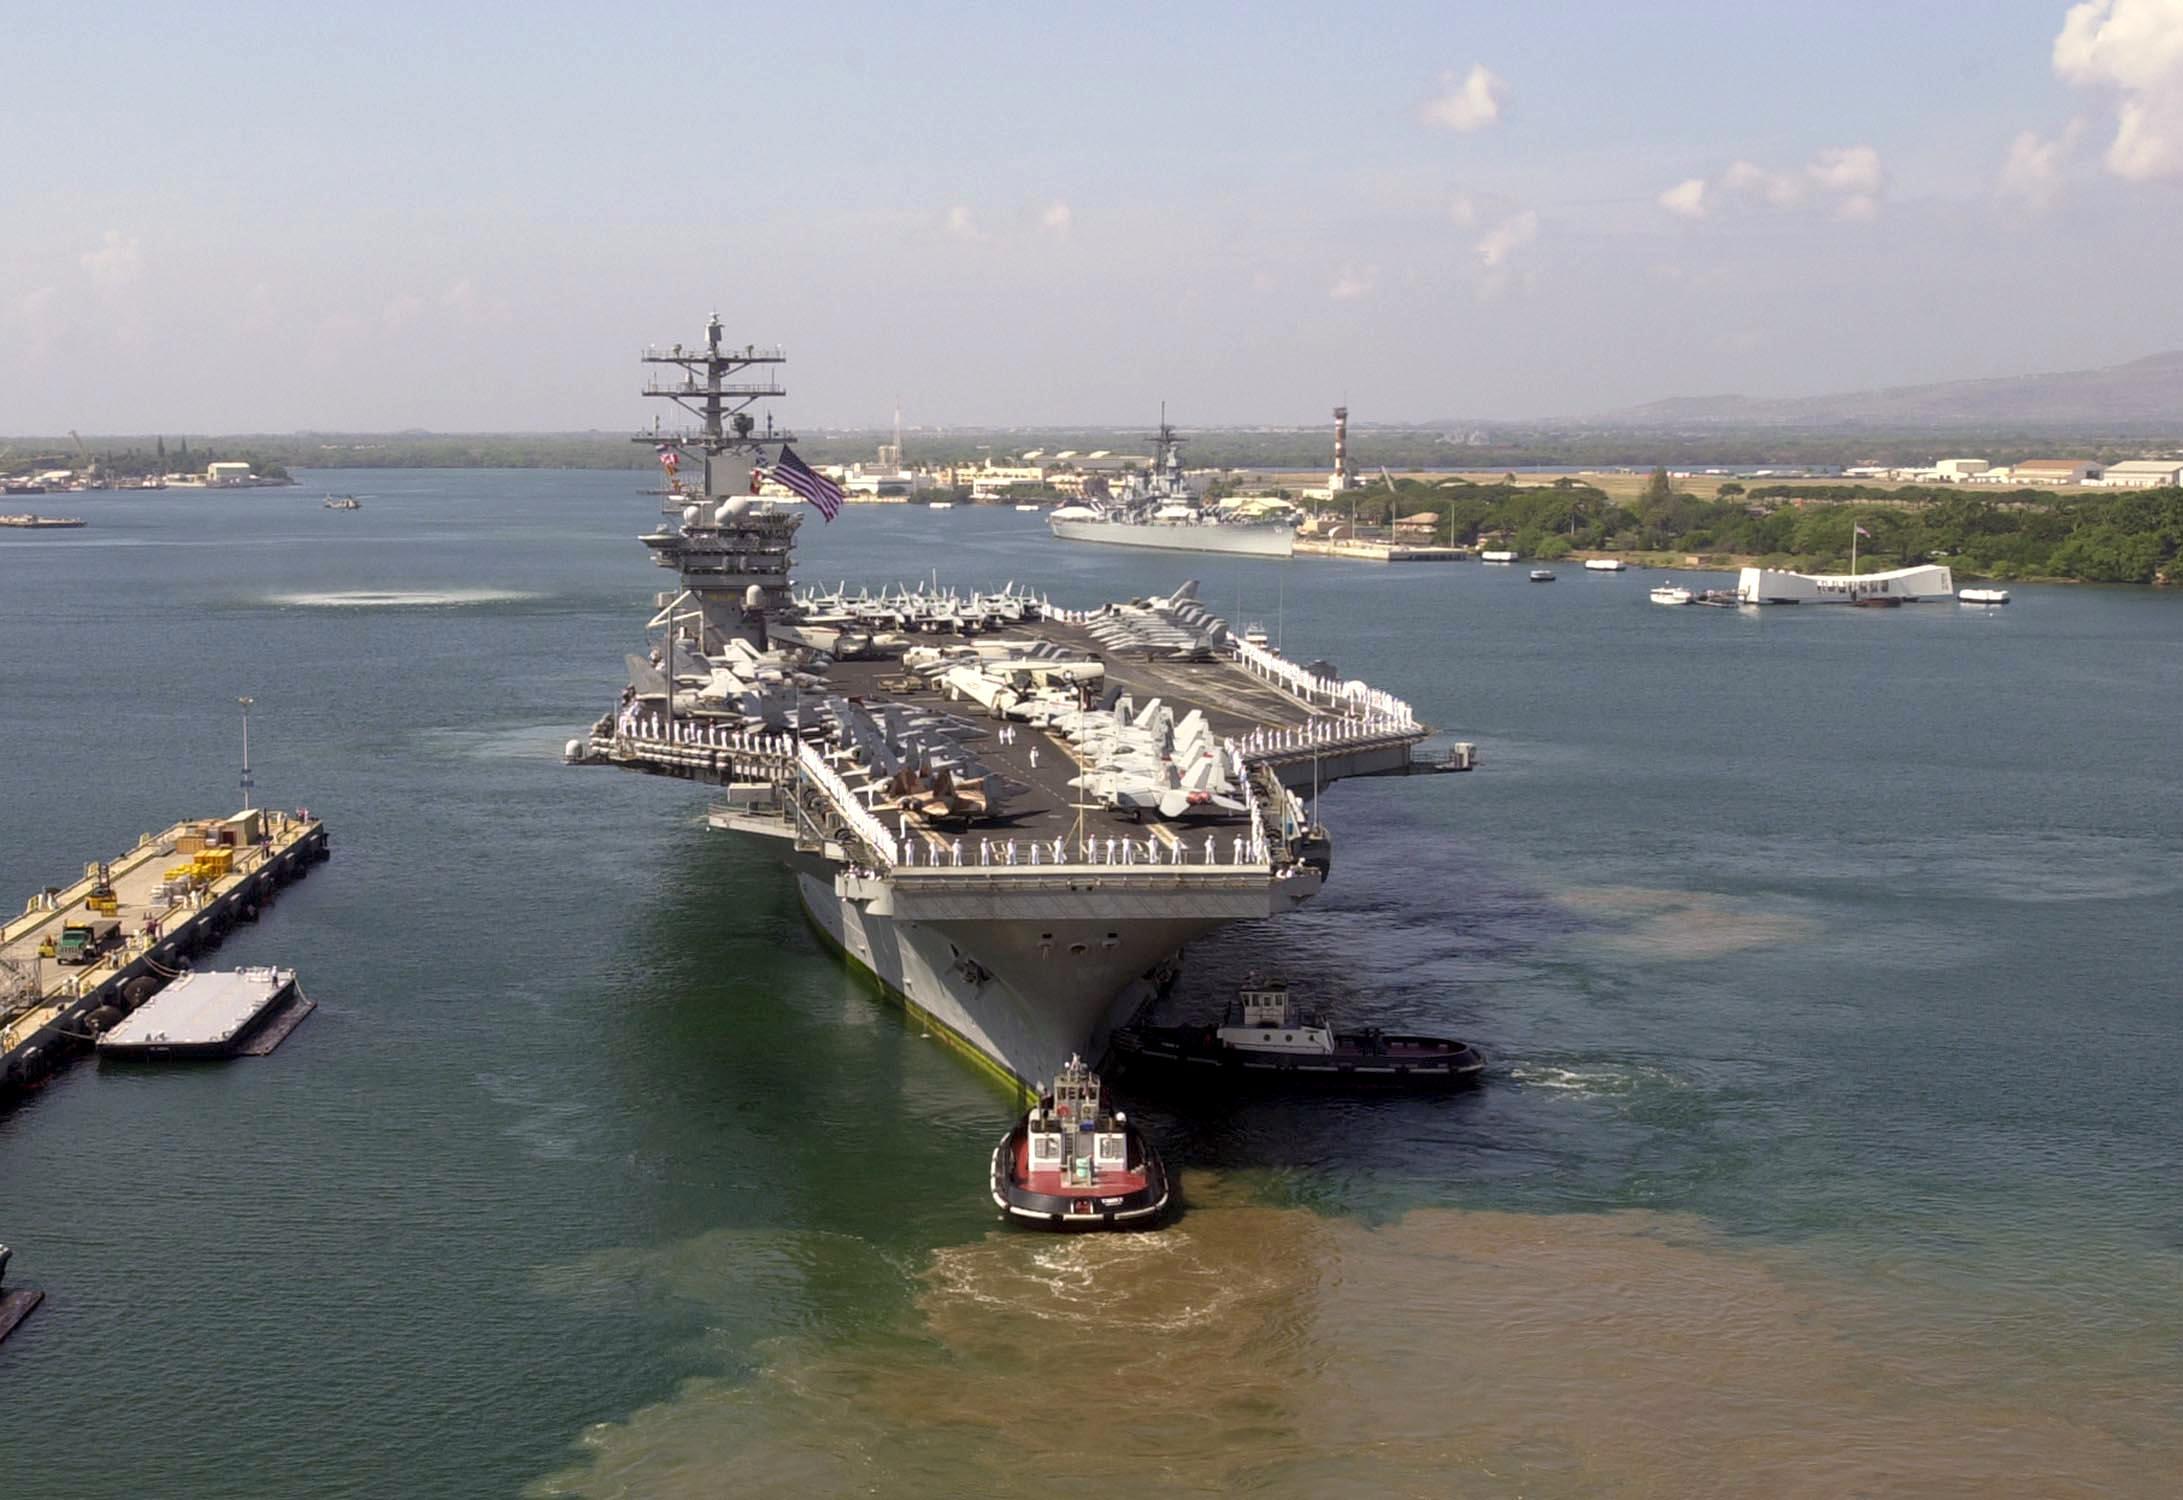 항공모함, 잠수함의 접안을 위한 도선작업